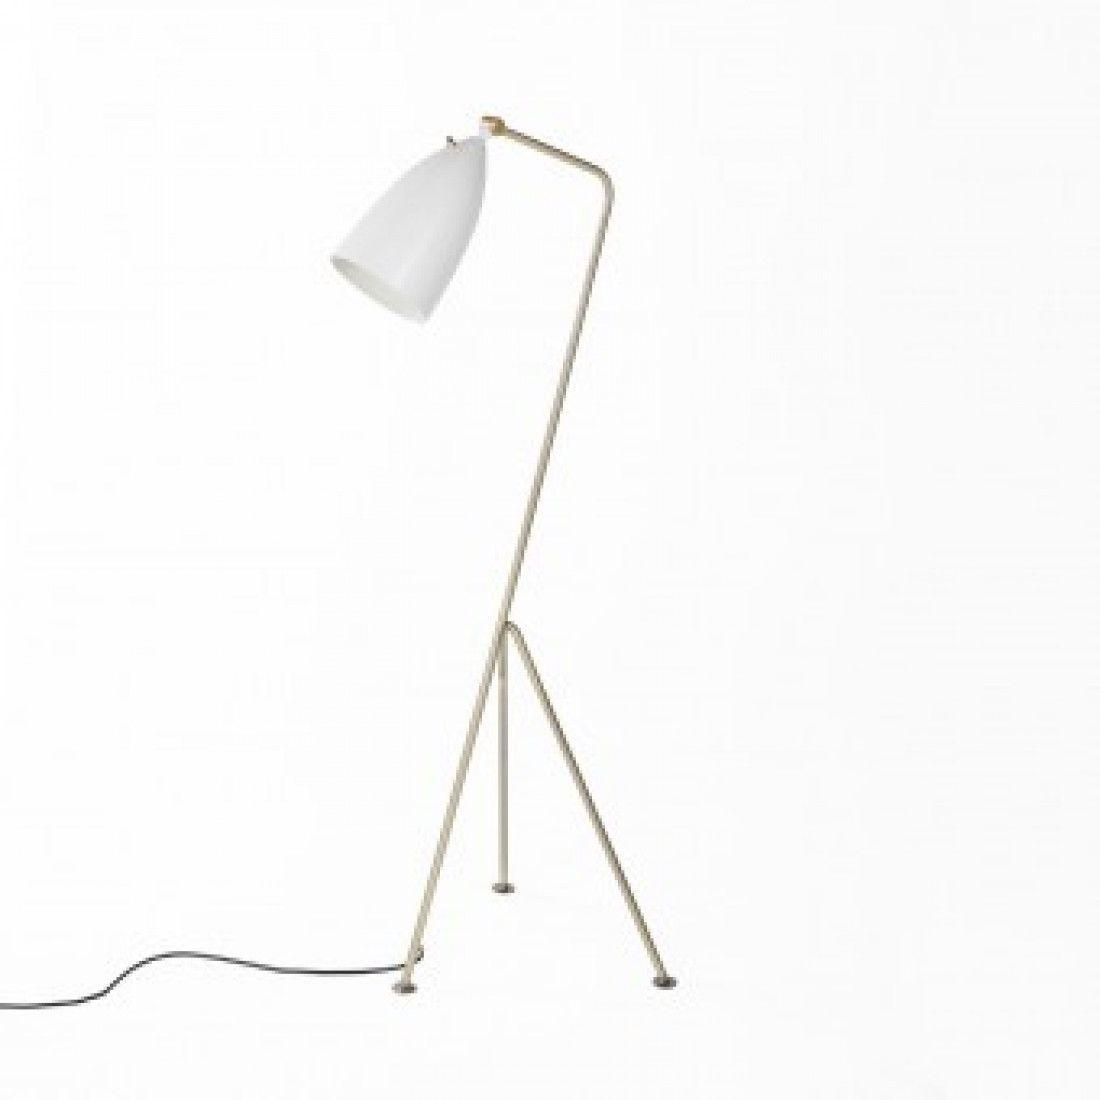 Grasshopper Floor lamp   Matte Pearl   Brass floor lamp, Floor lamp, Transitional decor